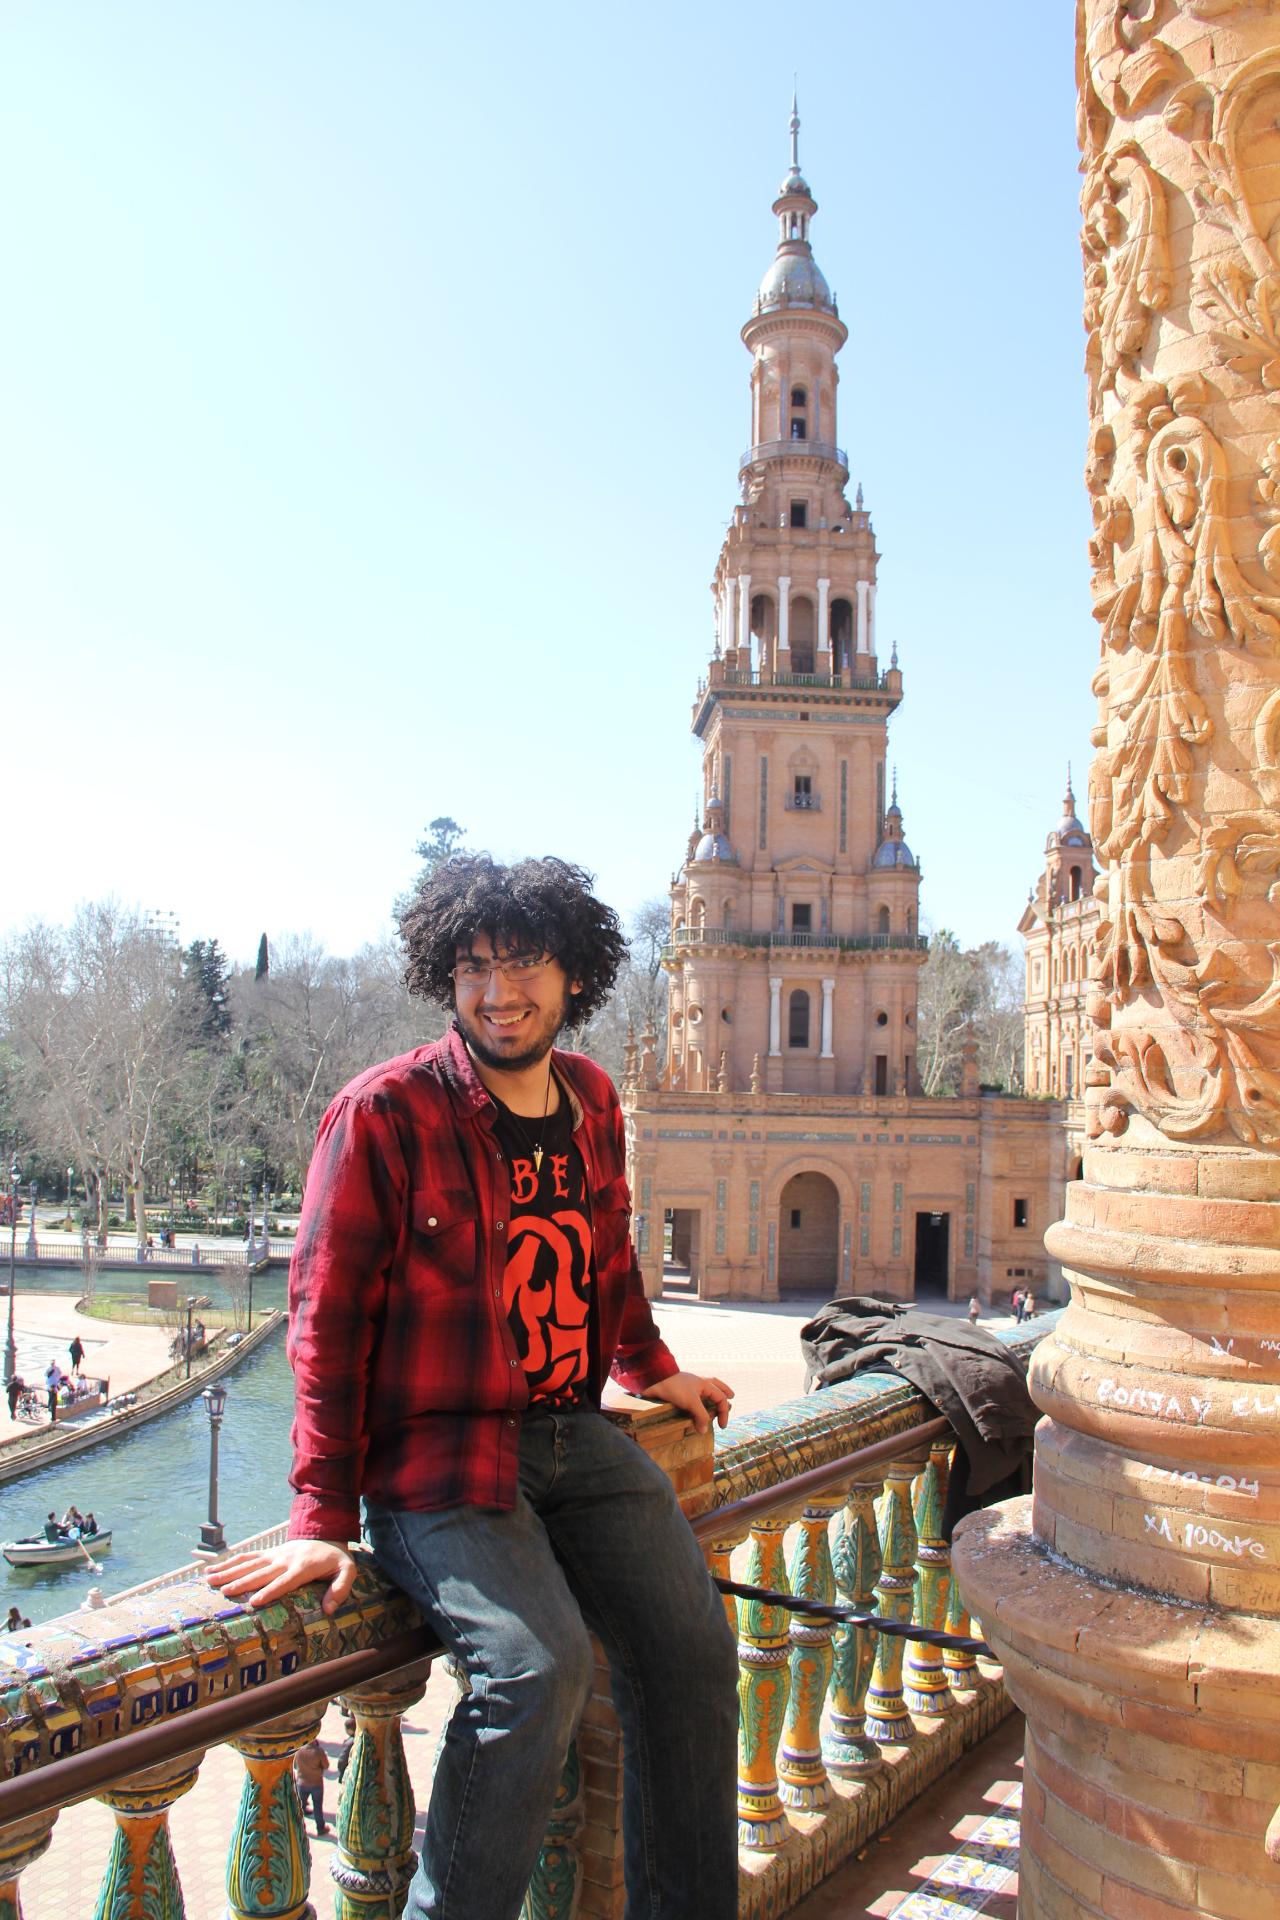 Plaza de Sevilla | Sevilla, Spain